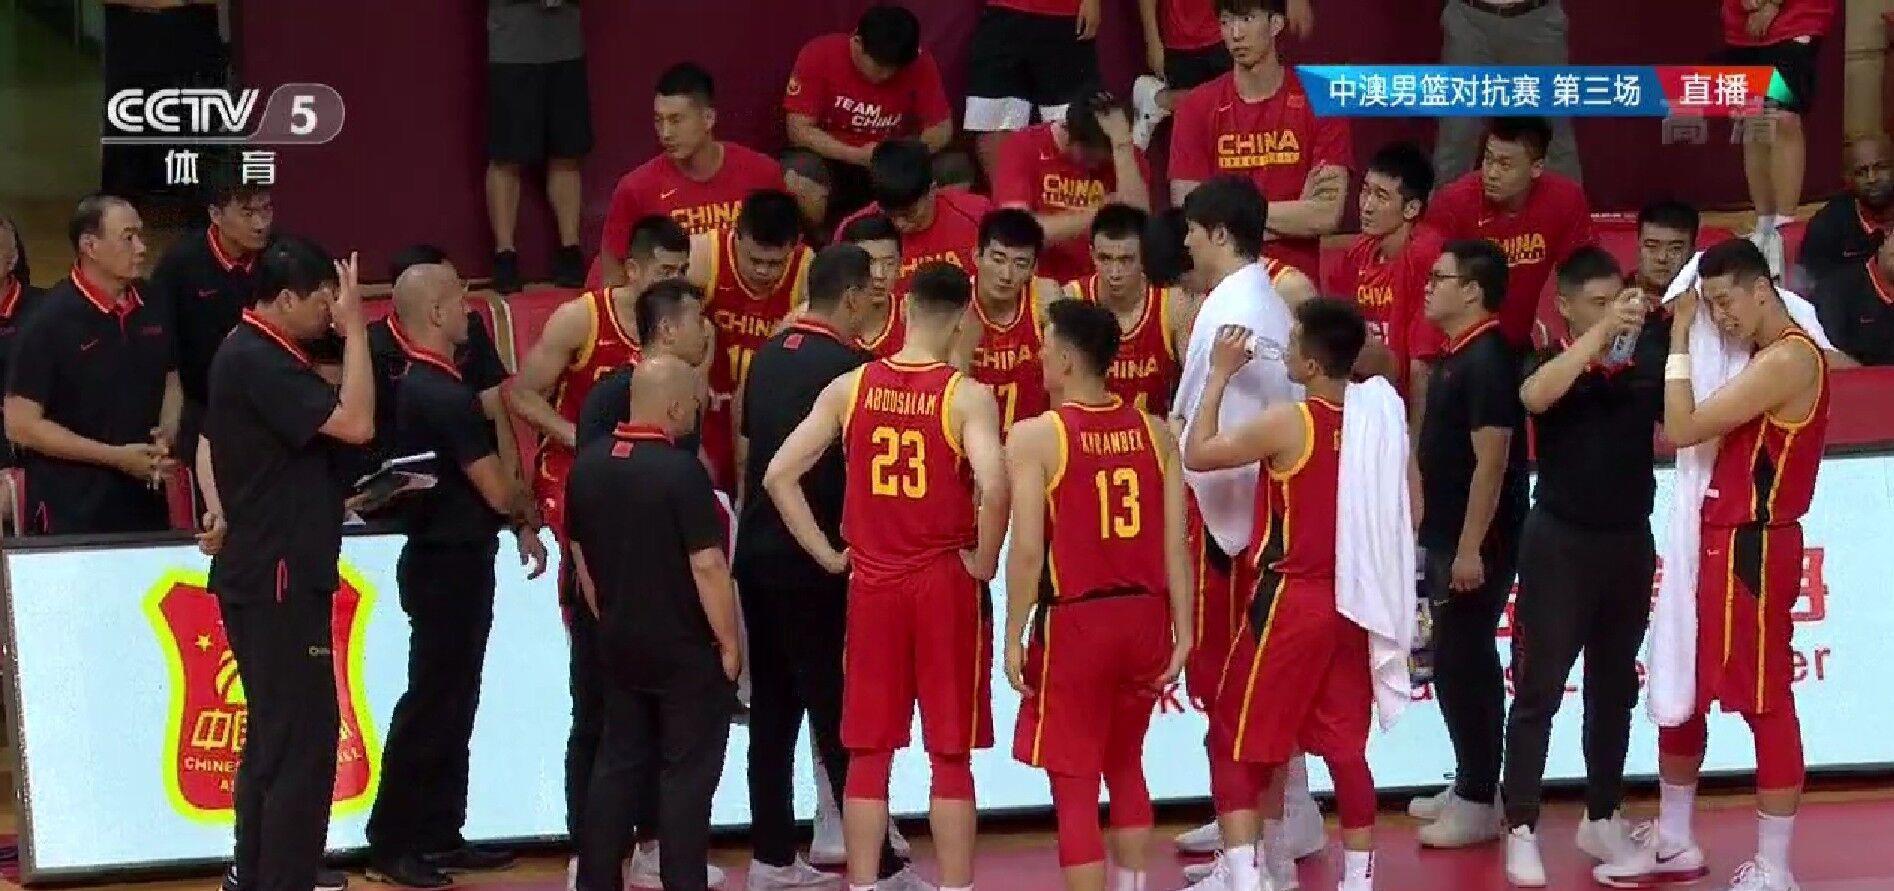 中国男篮热身赛G3,后卫线谁的发挥最好?球员状态如何?